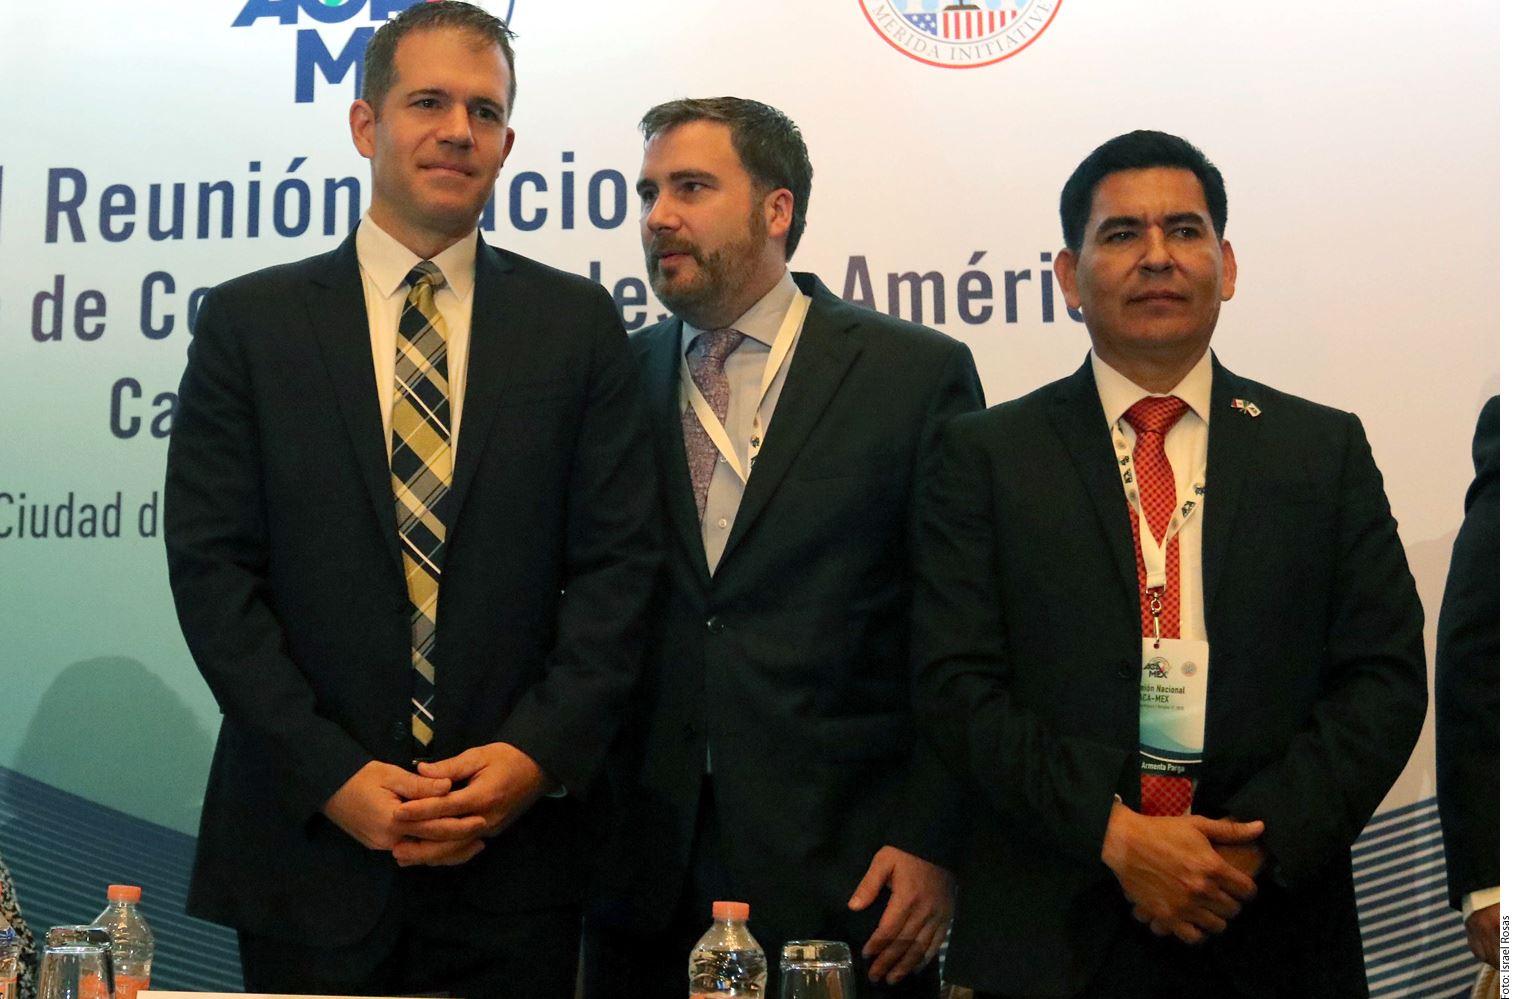 A México le urge voluntad para acelerar el proceso de certificación internacional para sus prisiones, manifestó Richard Glenn (izq.), subsecretario adjunto del Buró de Asuntos Antinarcóticos y Aplicación de la Ley del Departamento de Estado de EU.